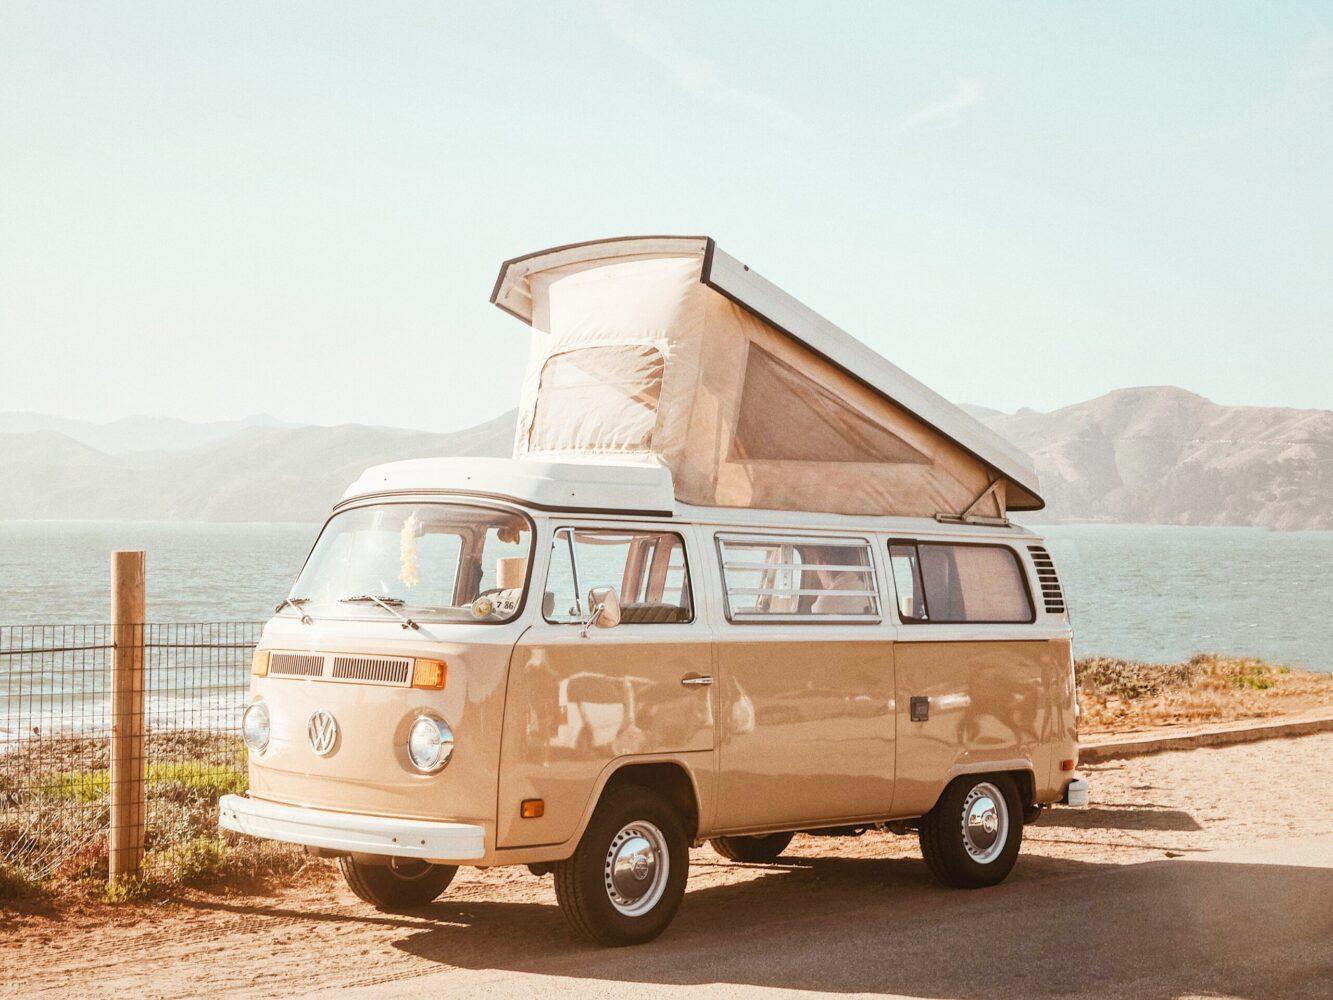 Het Gezinsleven - Vakantie - Autovakantie - 10 tips voor als je voor het eerst gaat kamperen - Kamperen met een VW busje